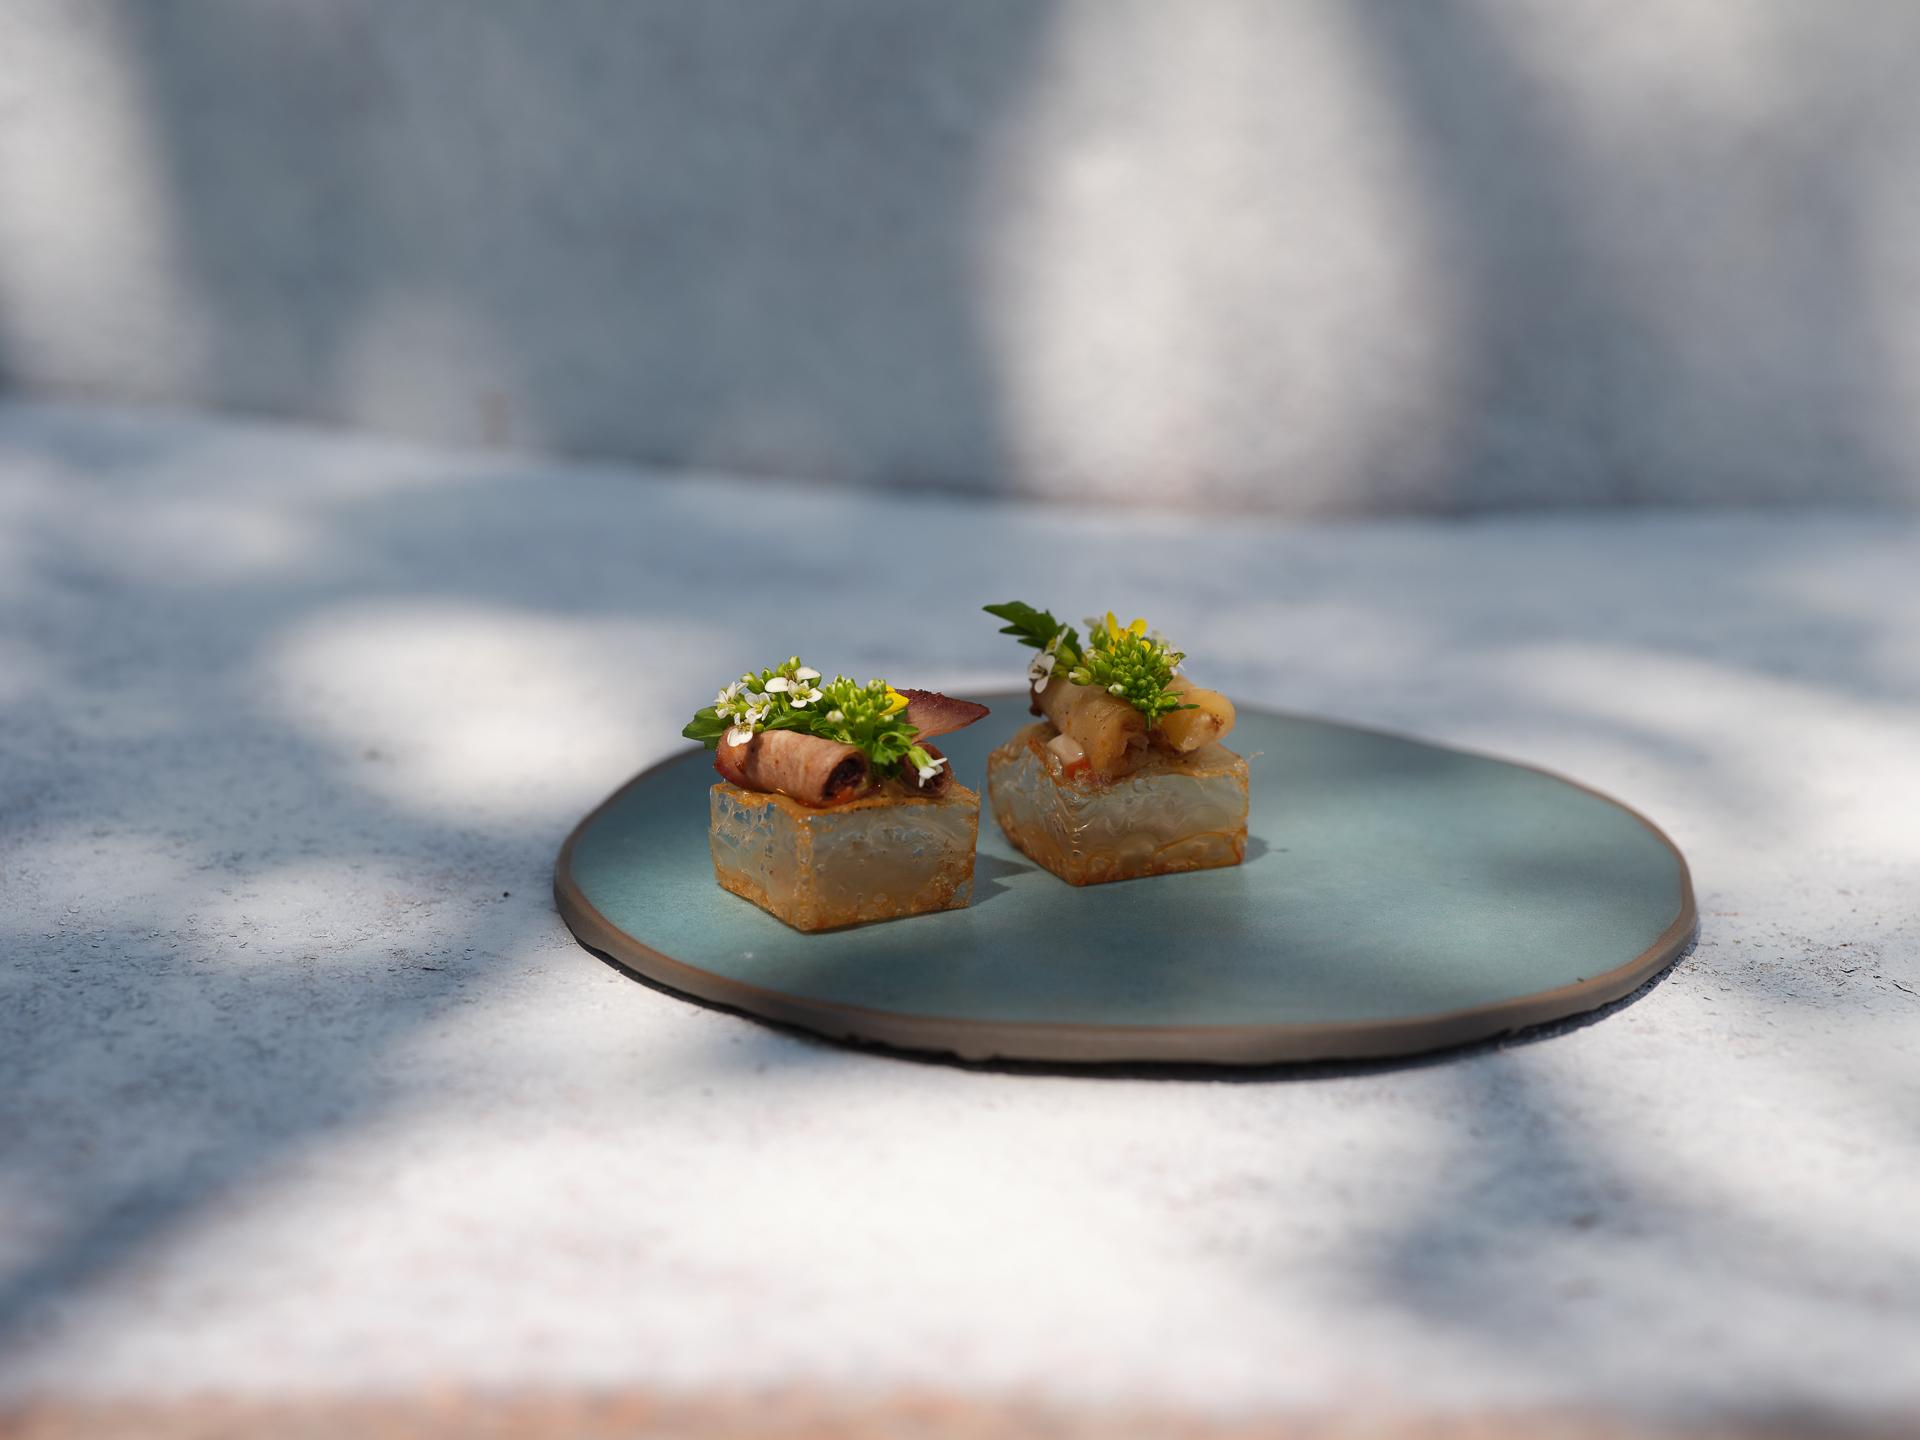 14_Dana dil pastrami_celeriac pastrami, istiridye, deniz yosunu kristali, jalapeño ve yabani su teresi4